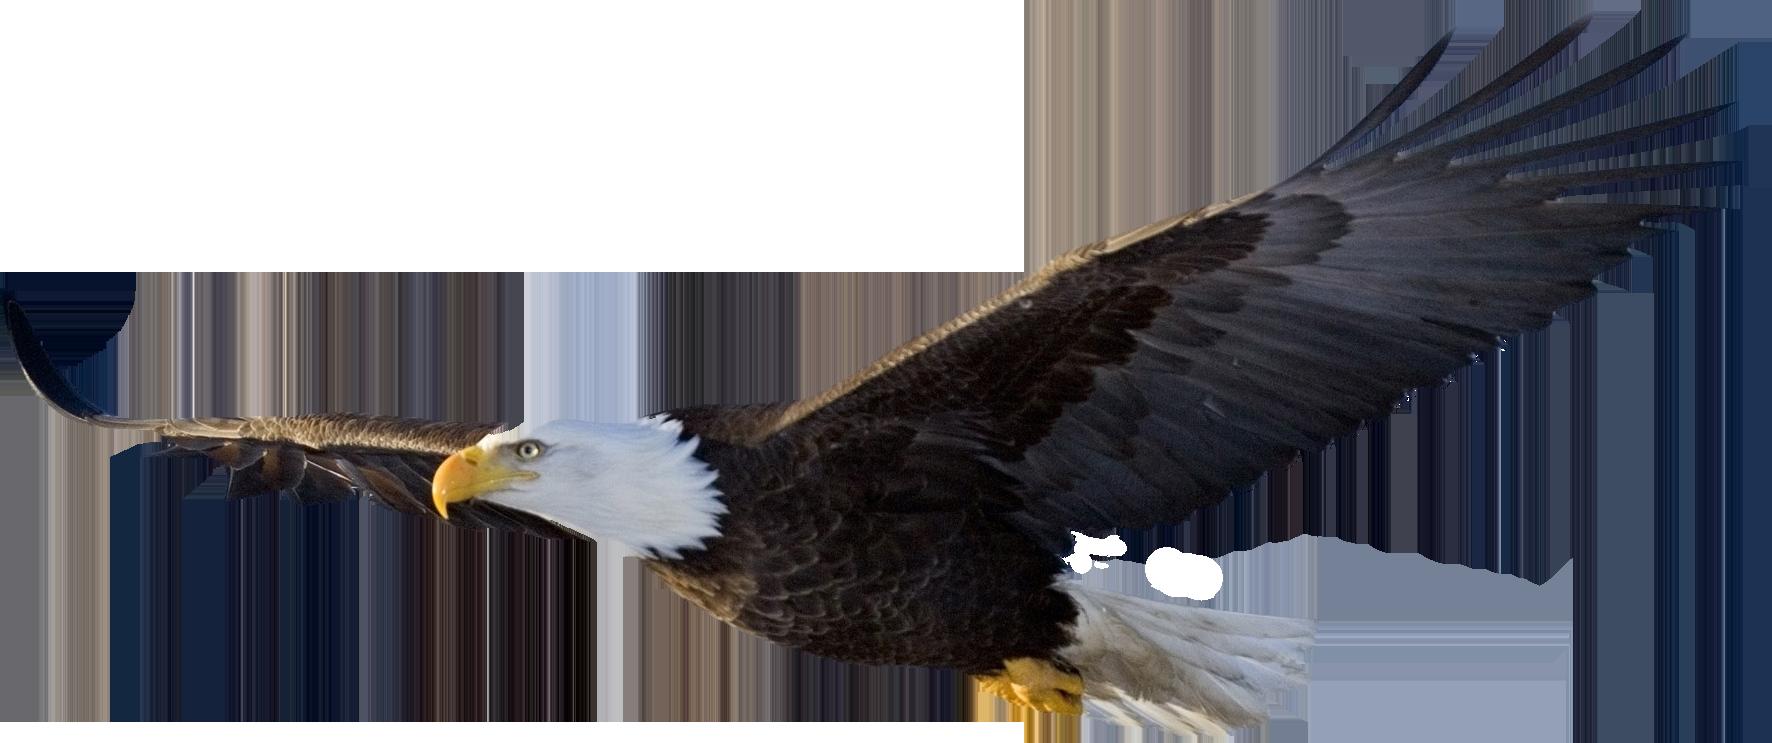 Eagle PNG HD - 136169